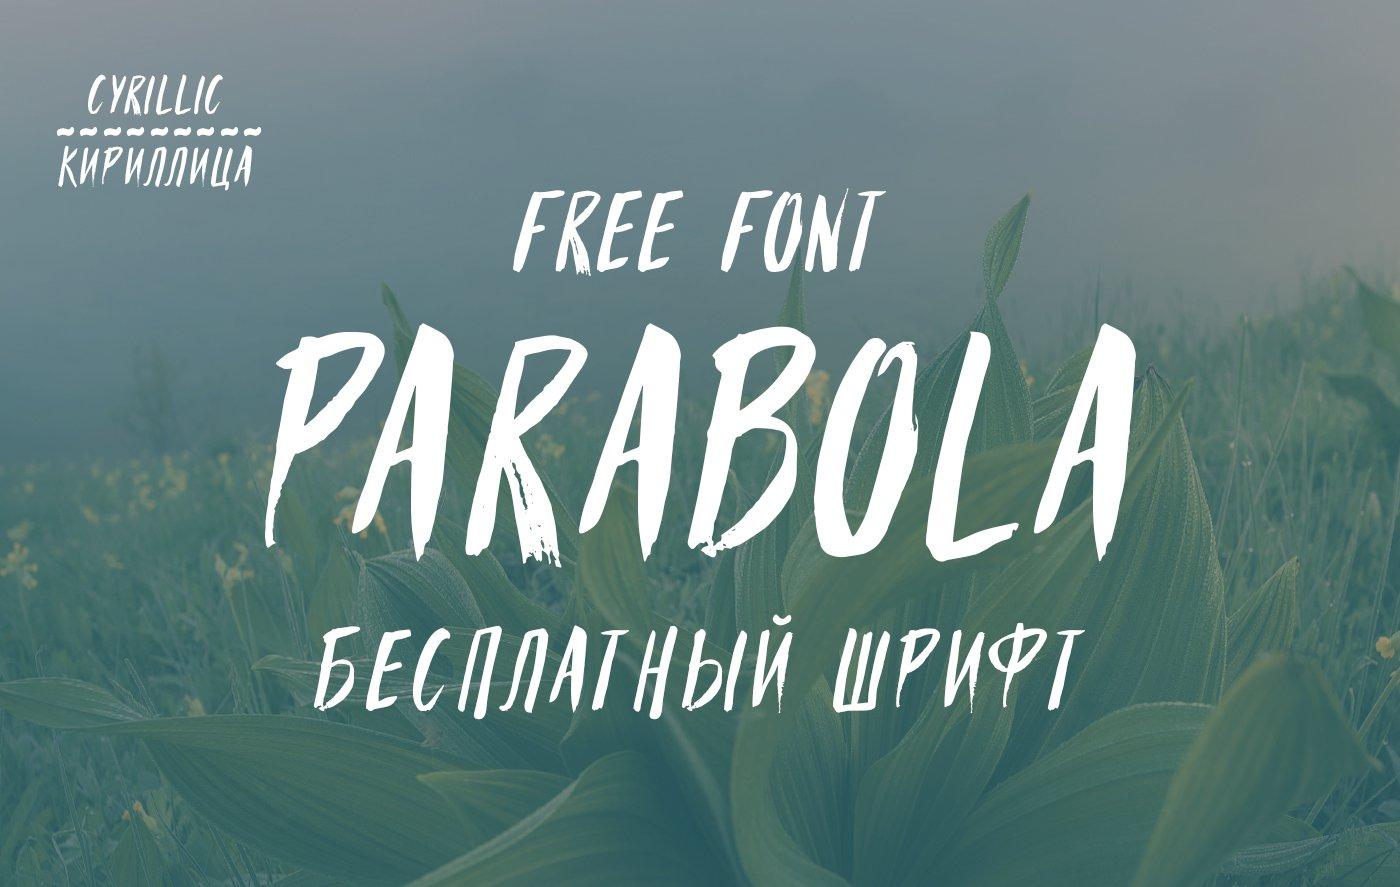 Шрифт PARABOLA Cyrillic скачать